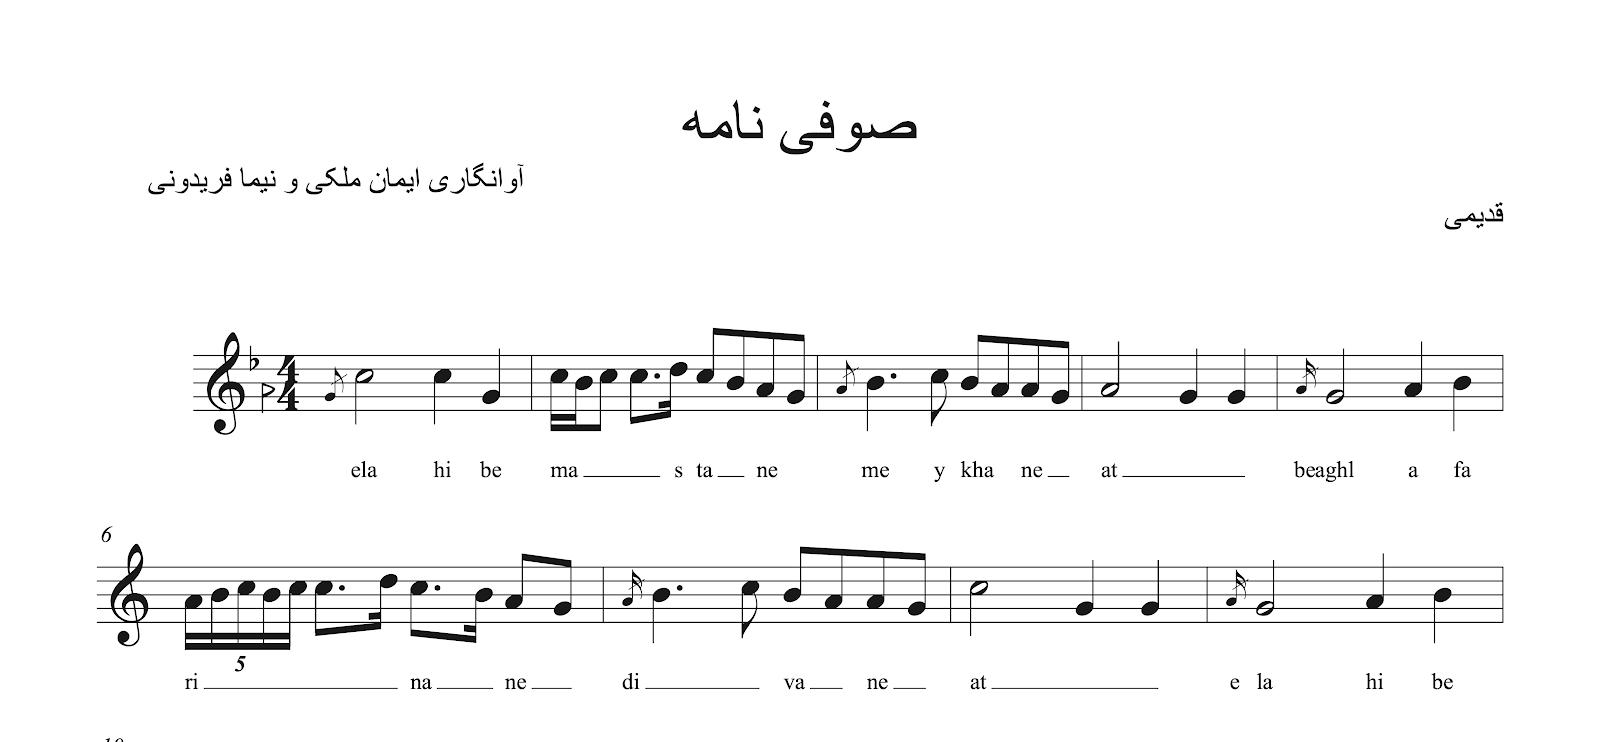 نت صوفینامه قدیمی بیات اصفهان شهرام ناظری آوانگاری نیما فریدونی و ایمان ملکی